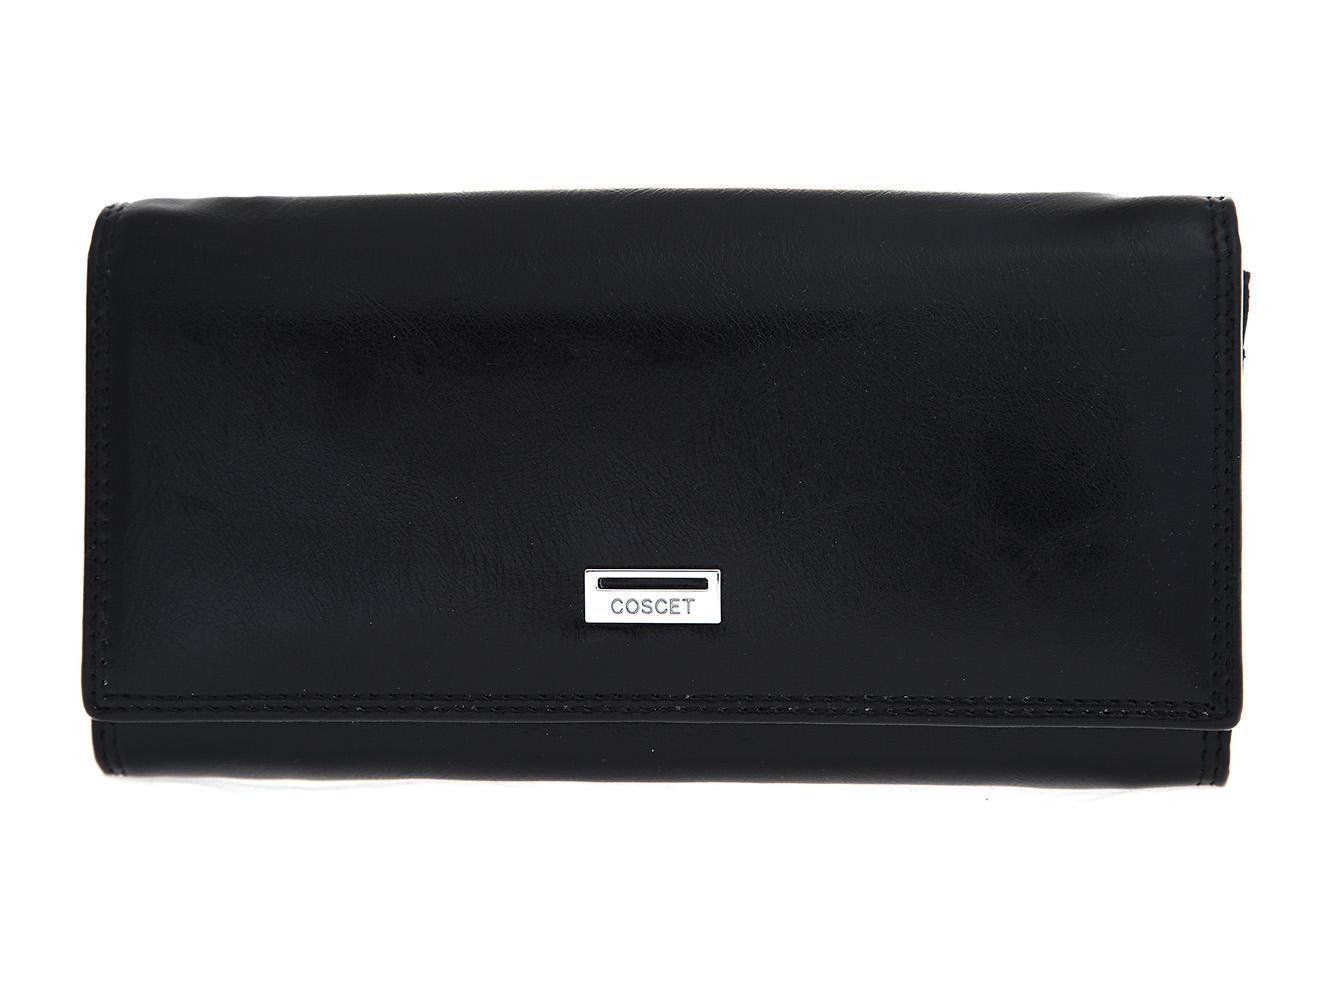 Стильный чёрный женский кошелёк из из искусственной кожи с 3 большими отделениями, двойным отделением в монетнице, 2 потайными карманами, окошком для пропуска и 8 кармашками для пластиковых карт CS208-01A